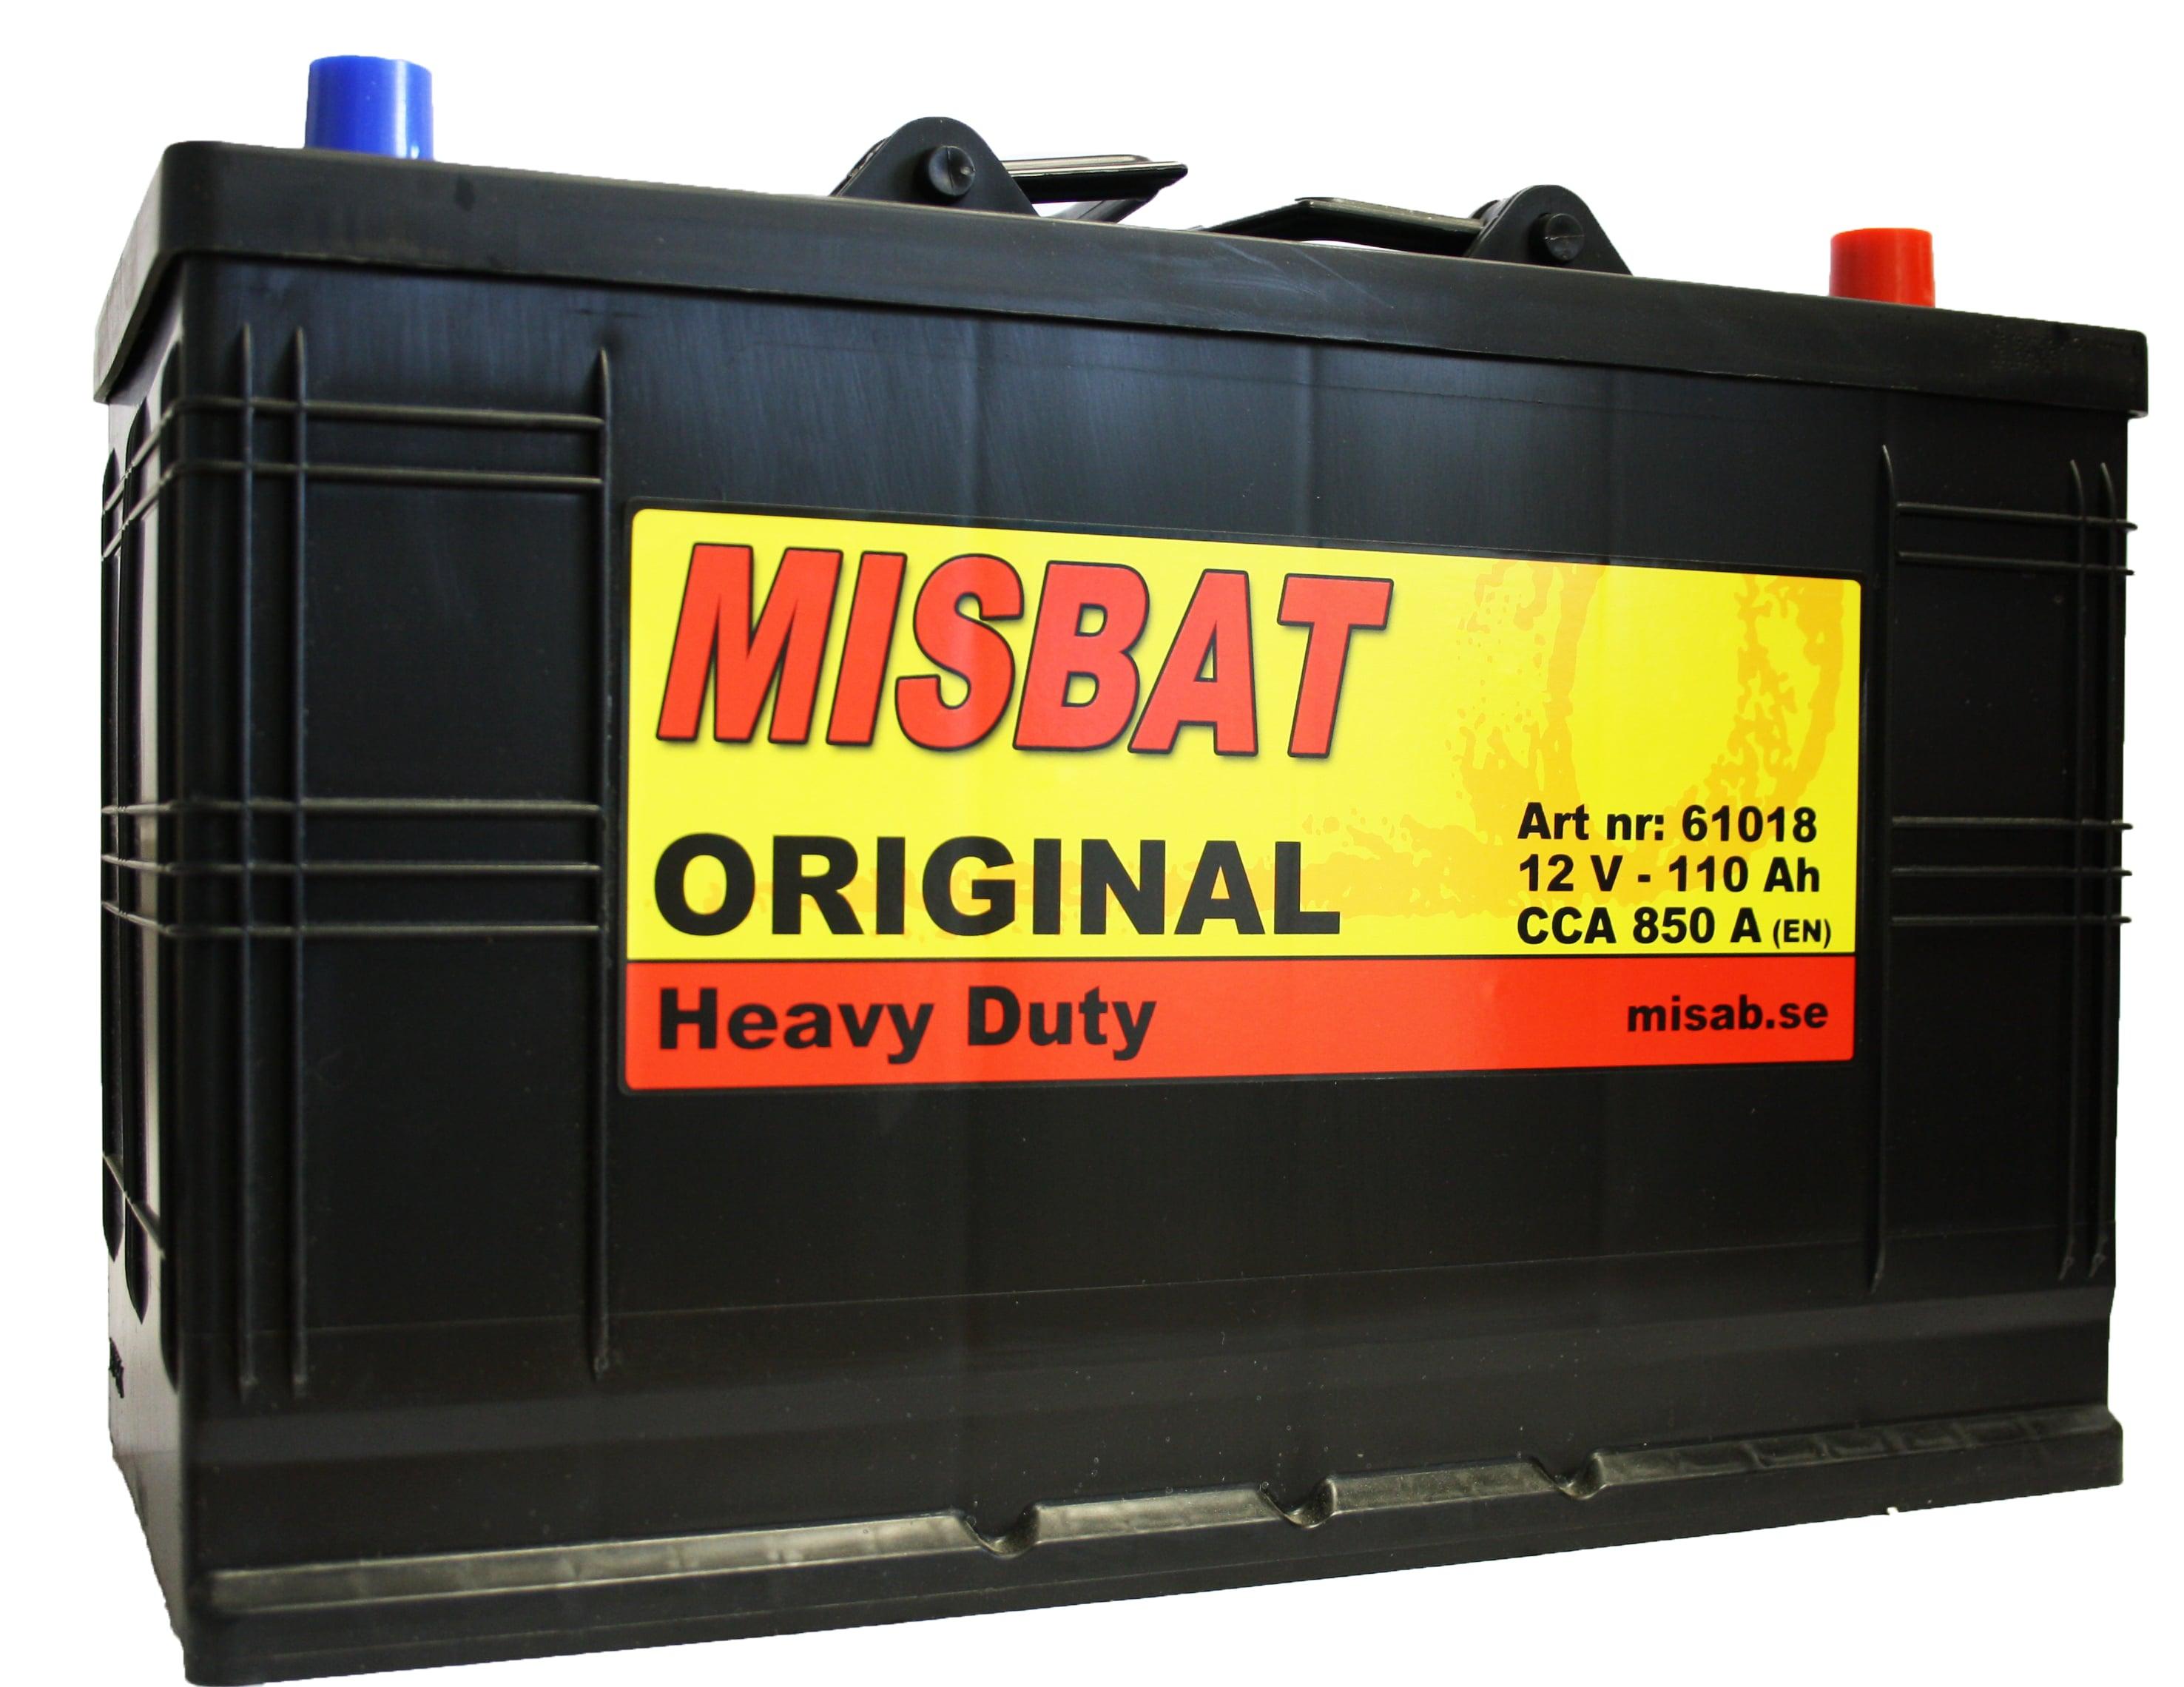 MISBAT ORIGINAL 110 AH